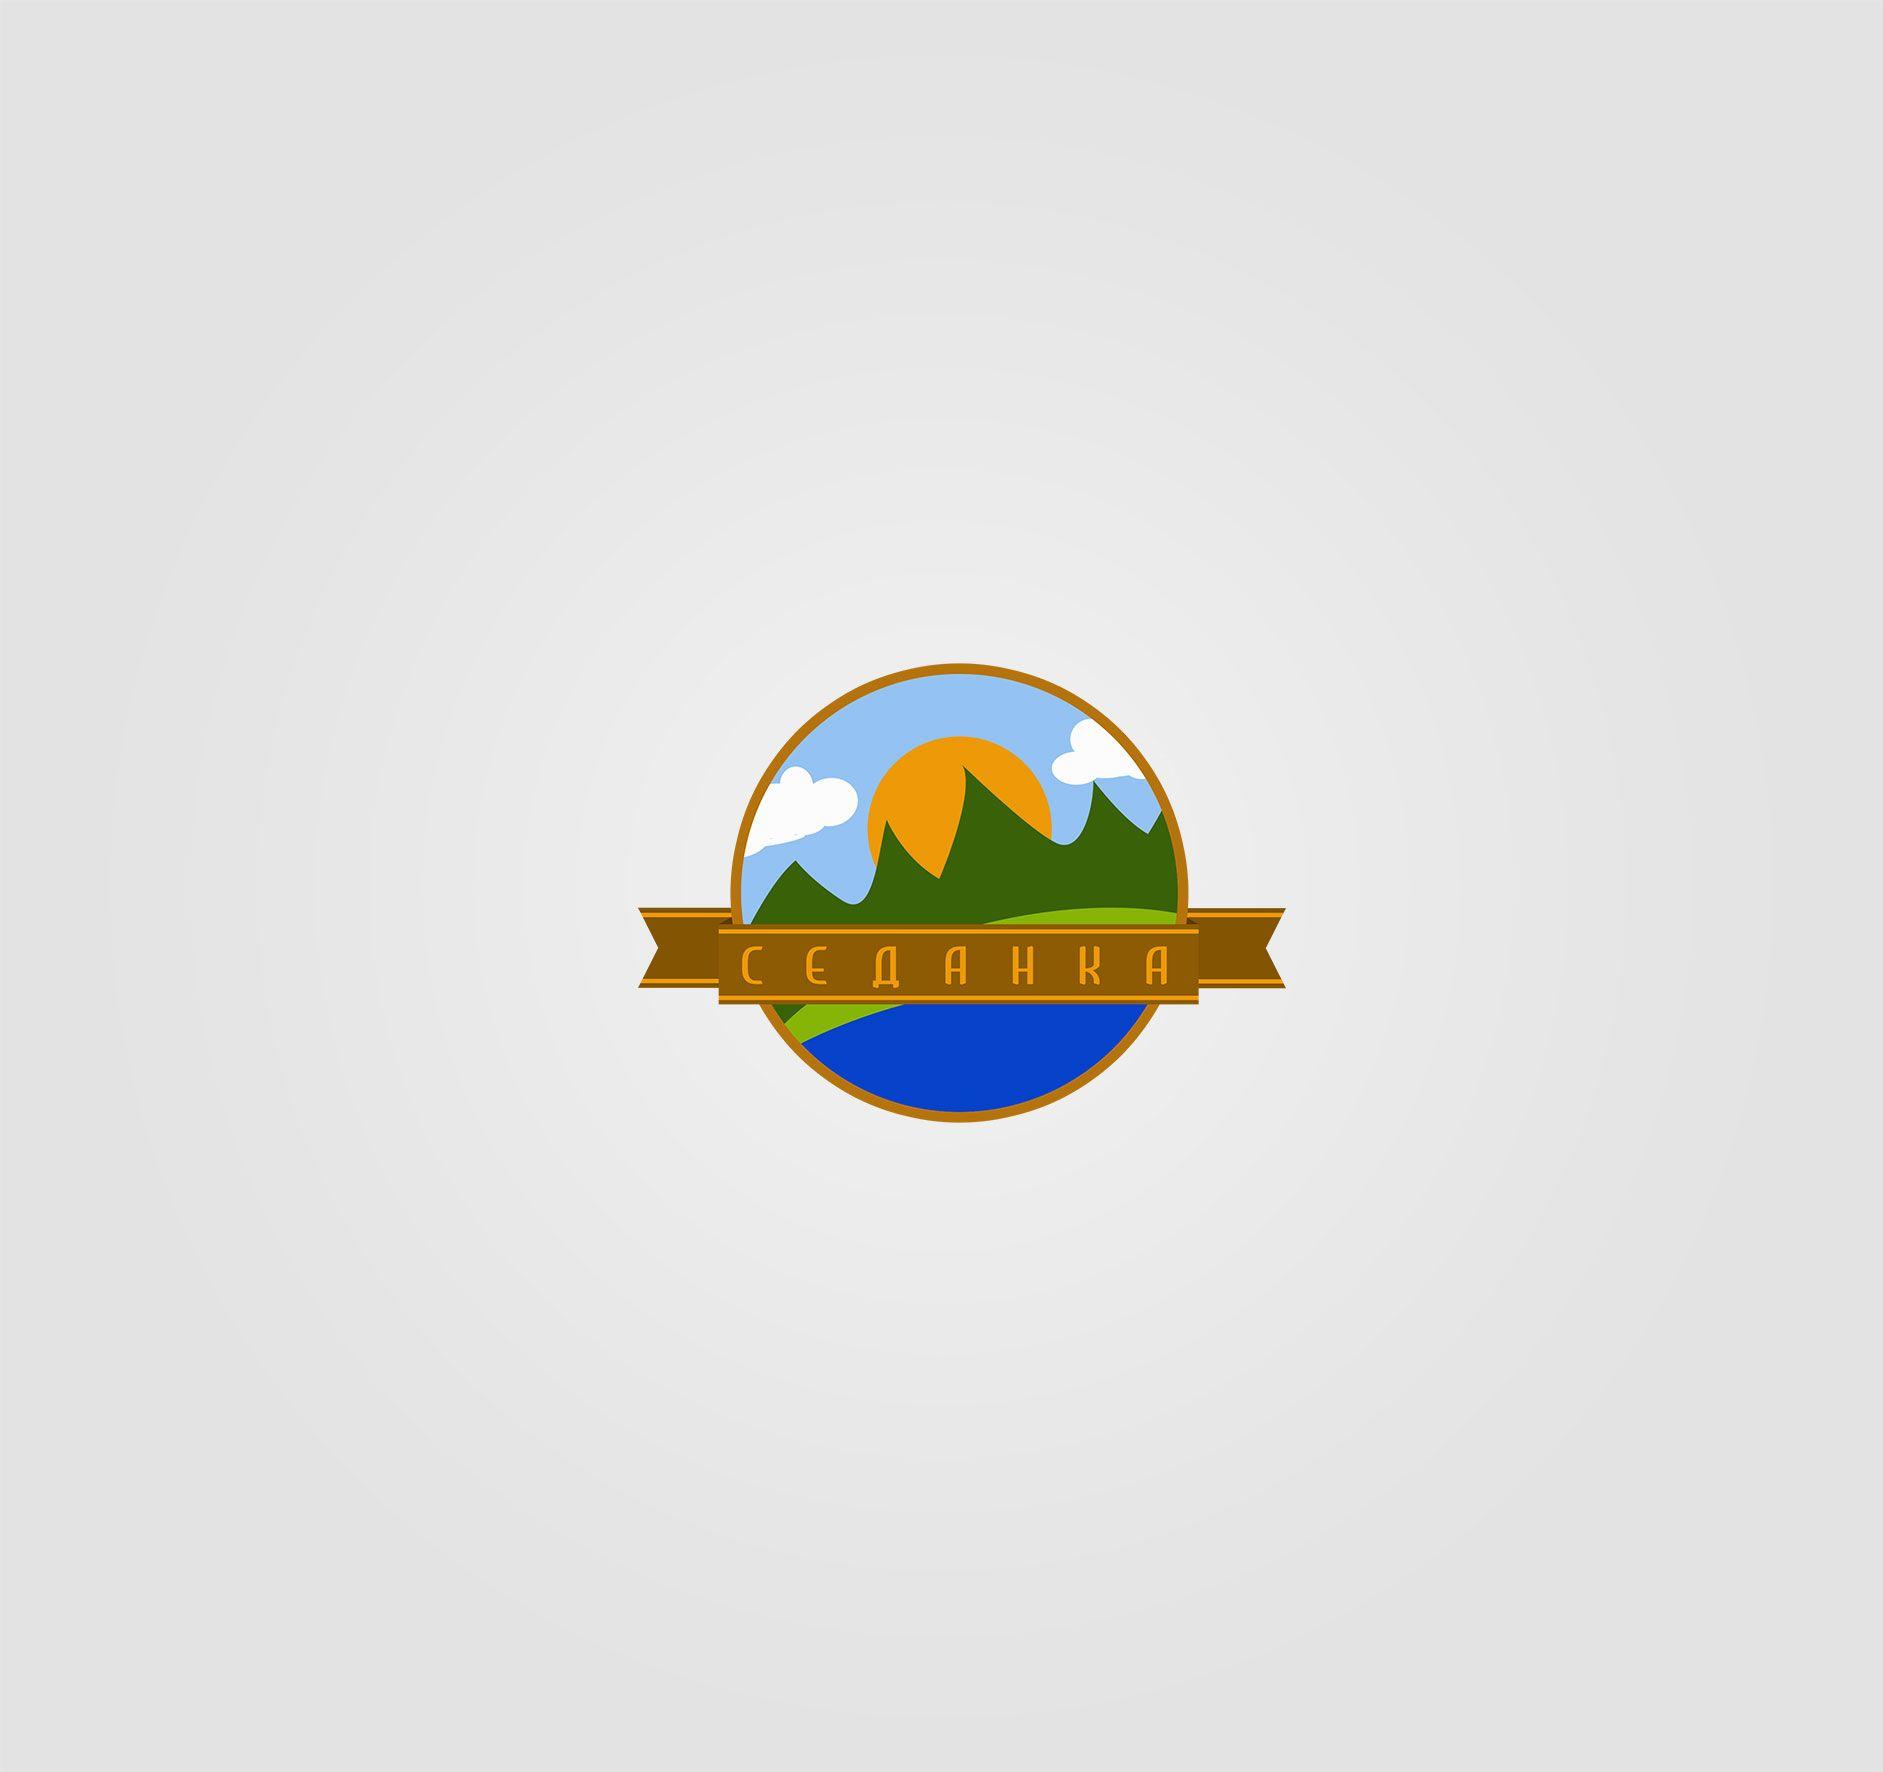 Логотип для центра отдыха - дизайнер epsylonart